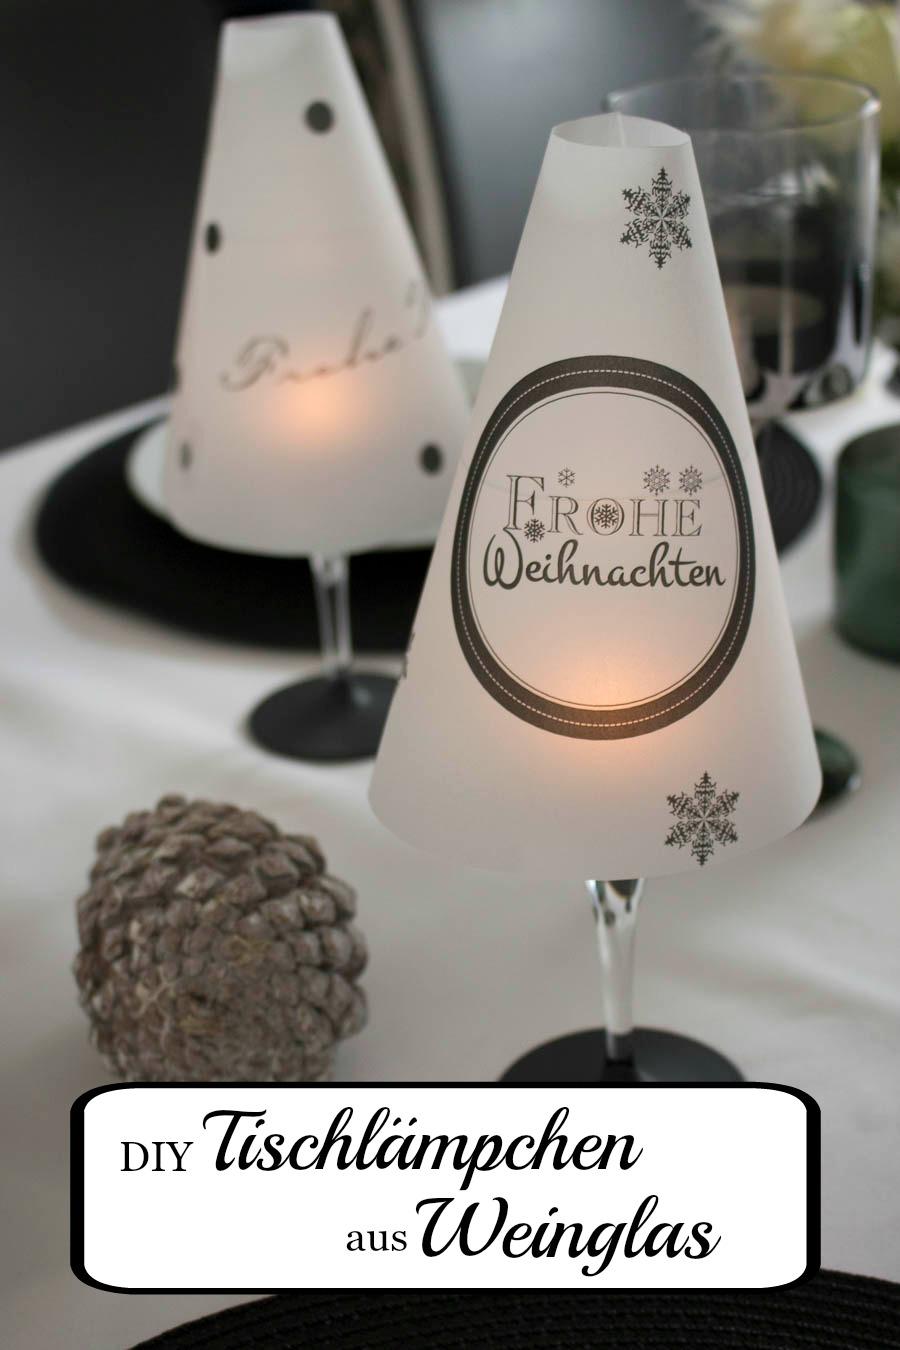 DIY Tischlämpchen aus Weinglas zu Weihnachten